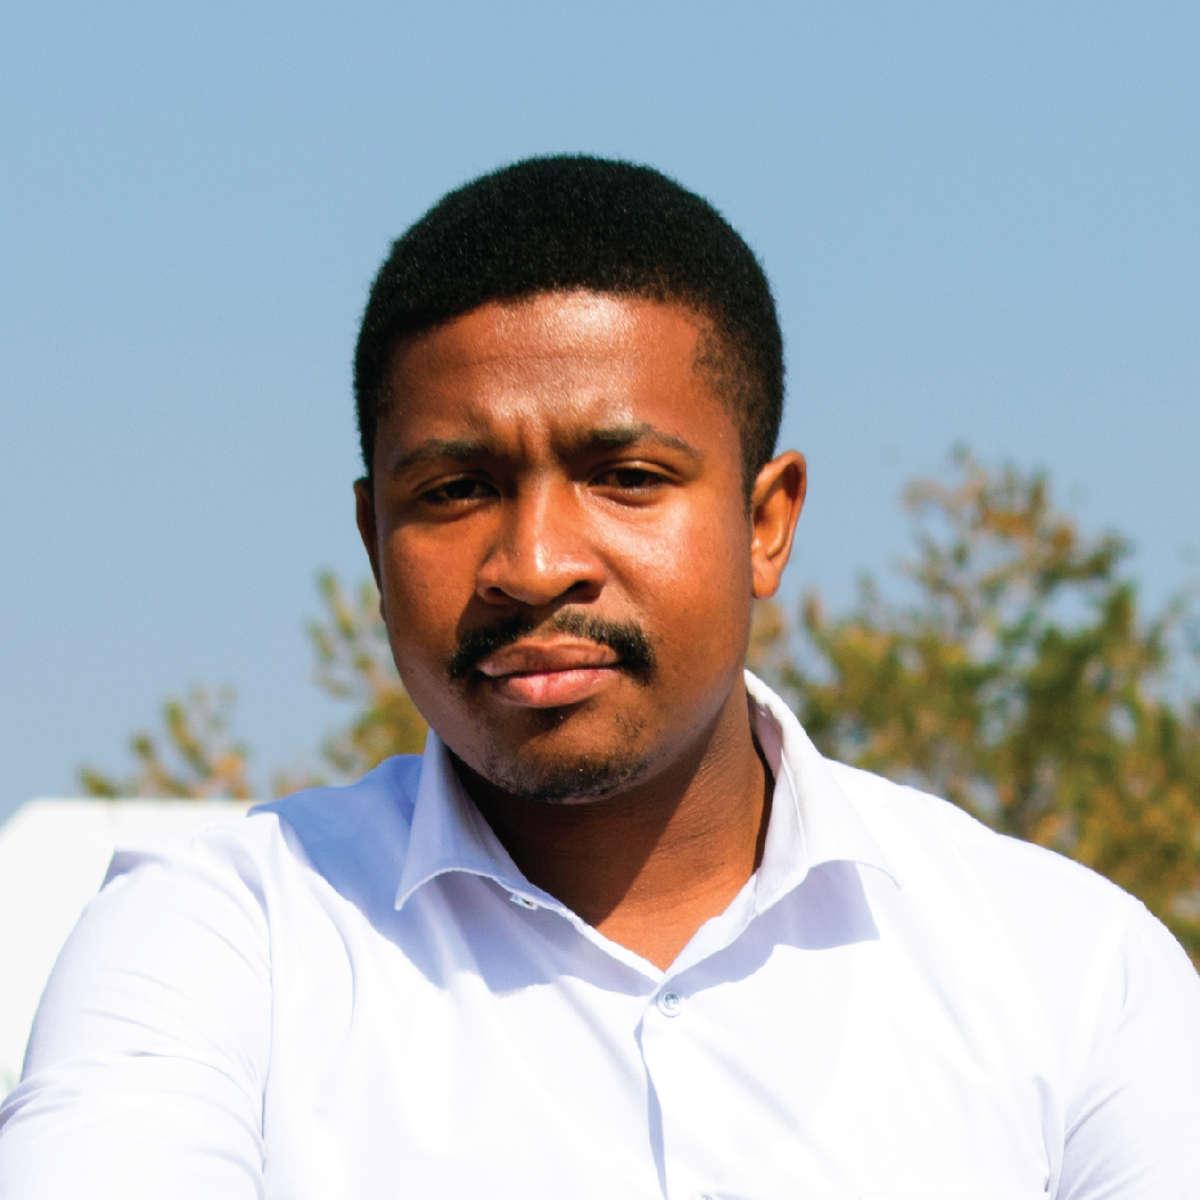 Lebogang Mokubela